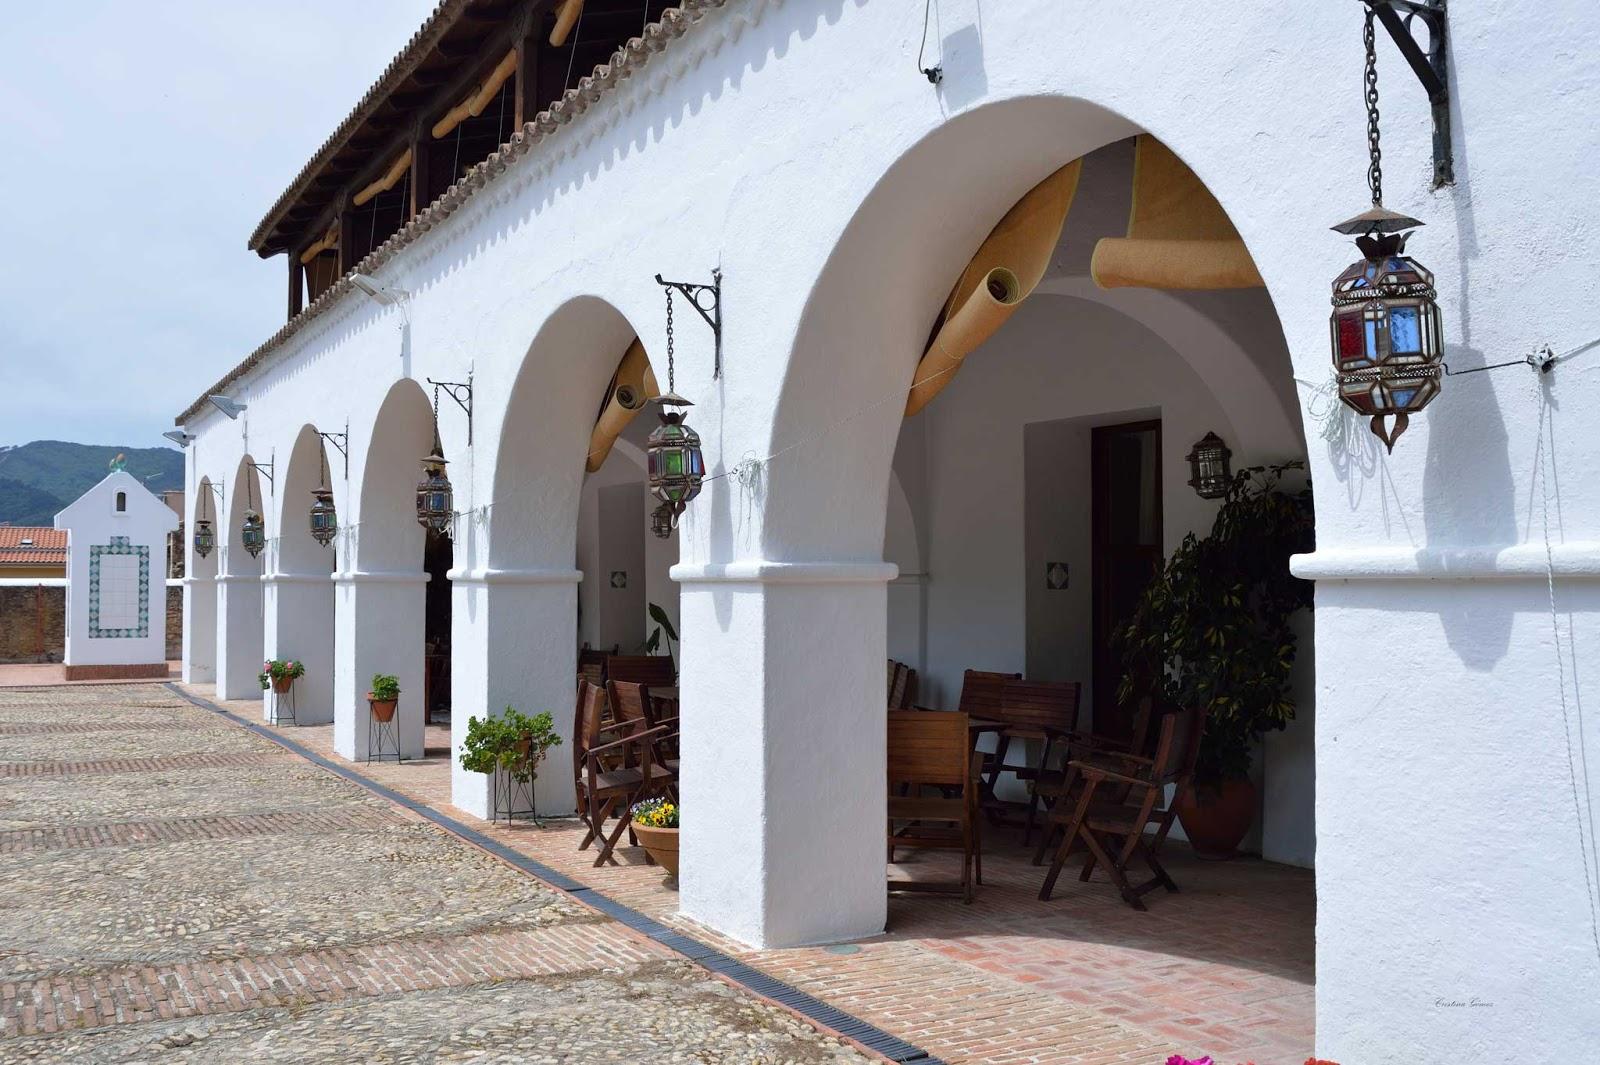 Parador hotel guadalupe